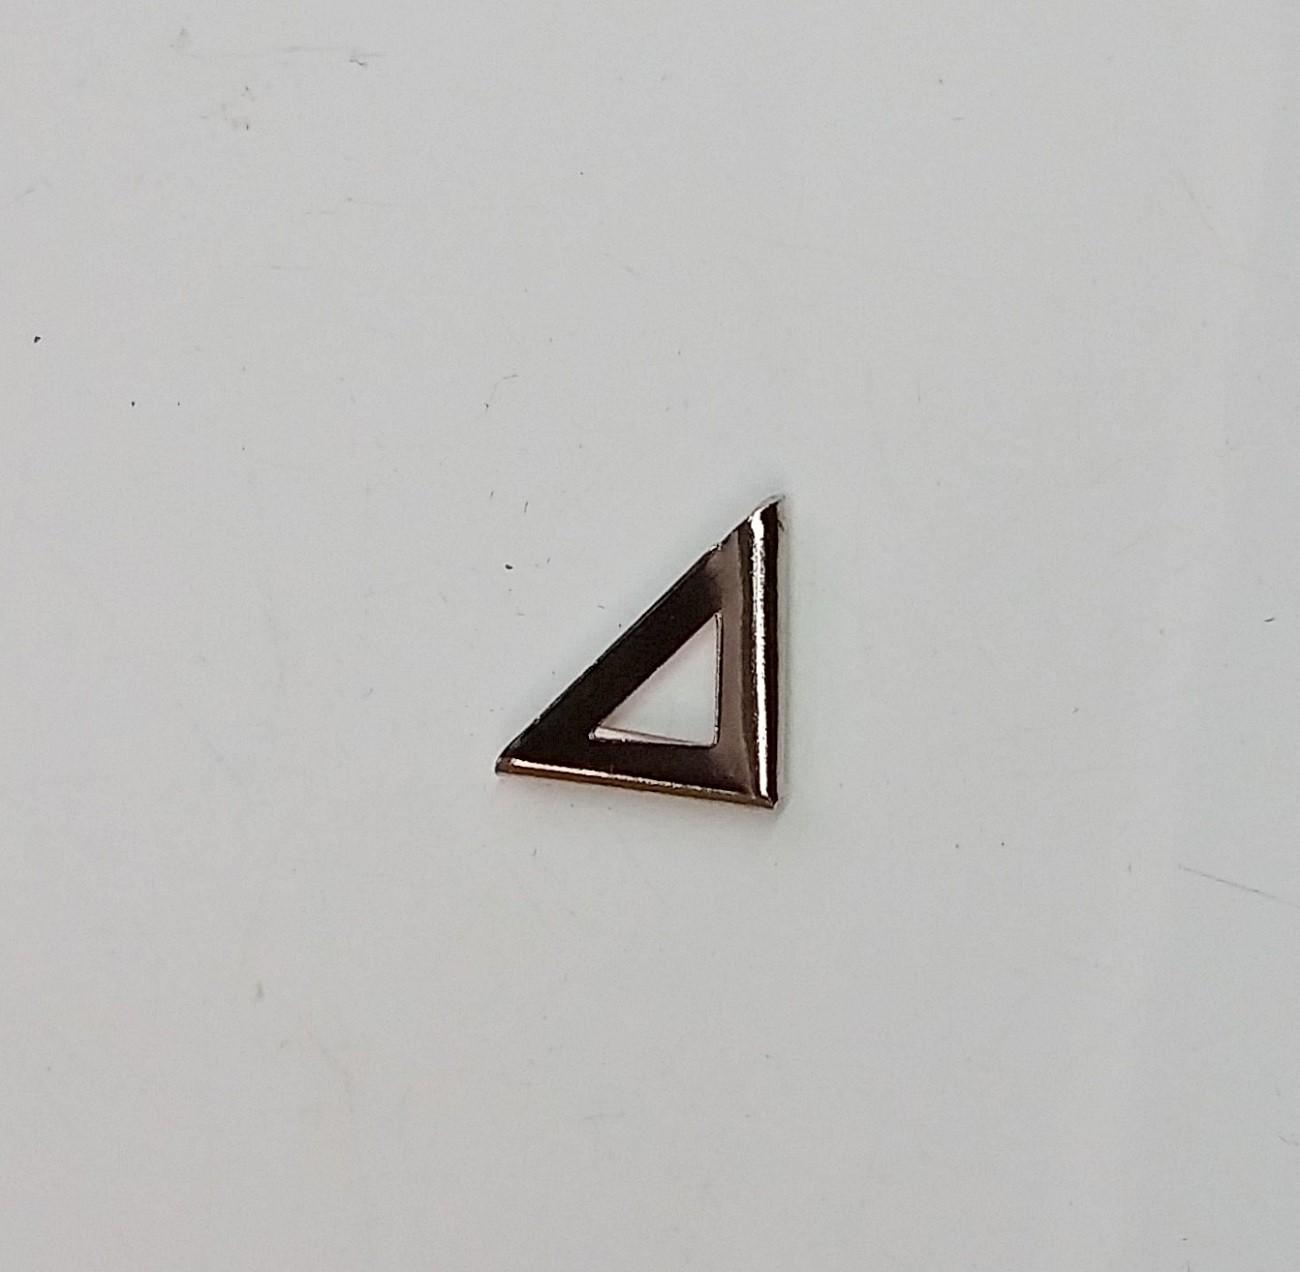 Cantoneira 15mm x 15mm Triângulo Niquelada